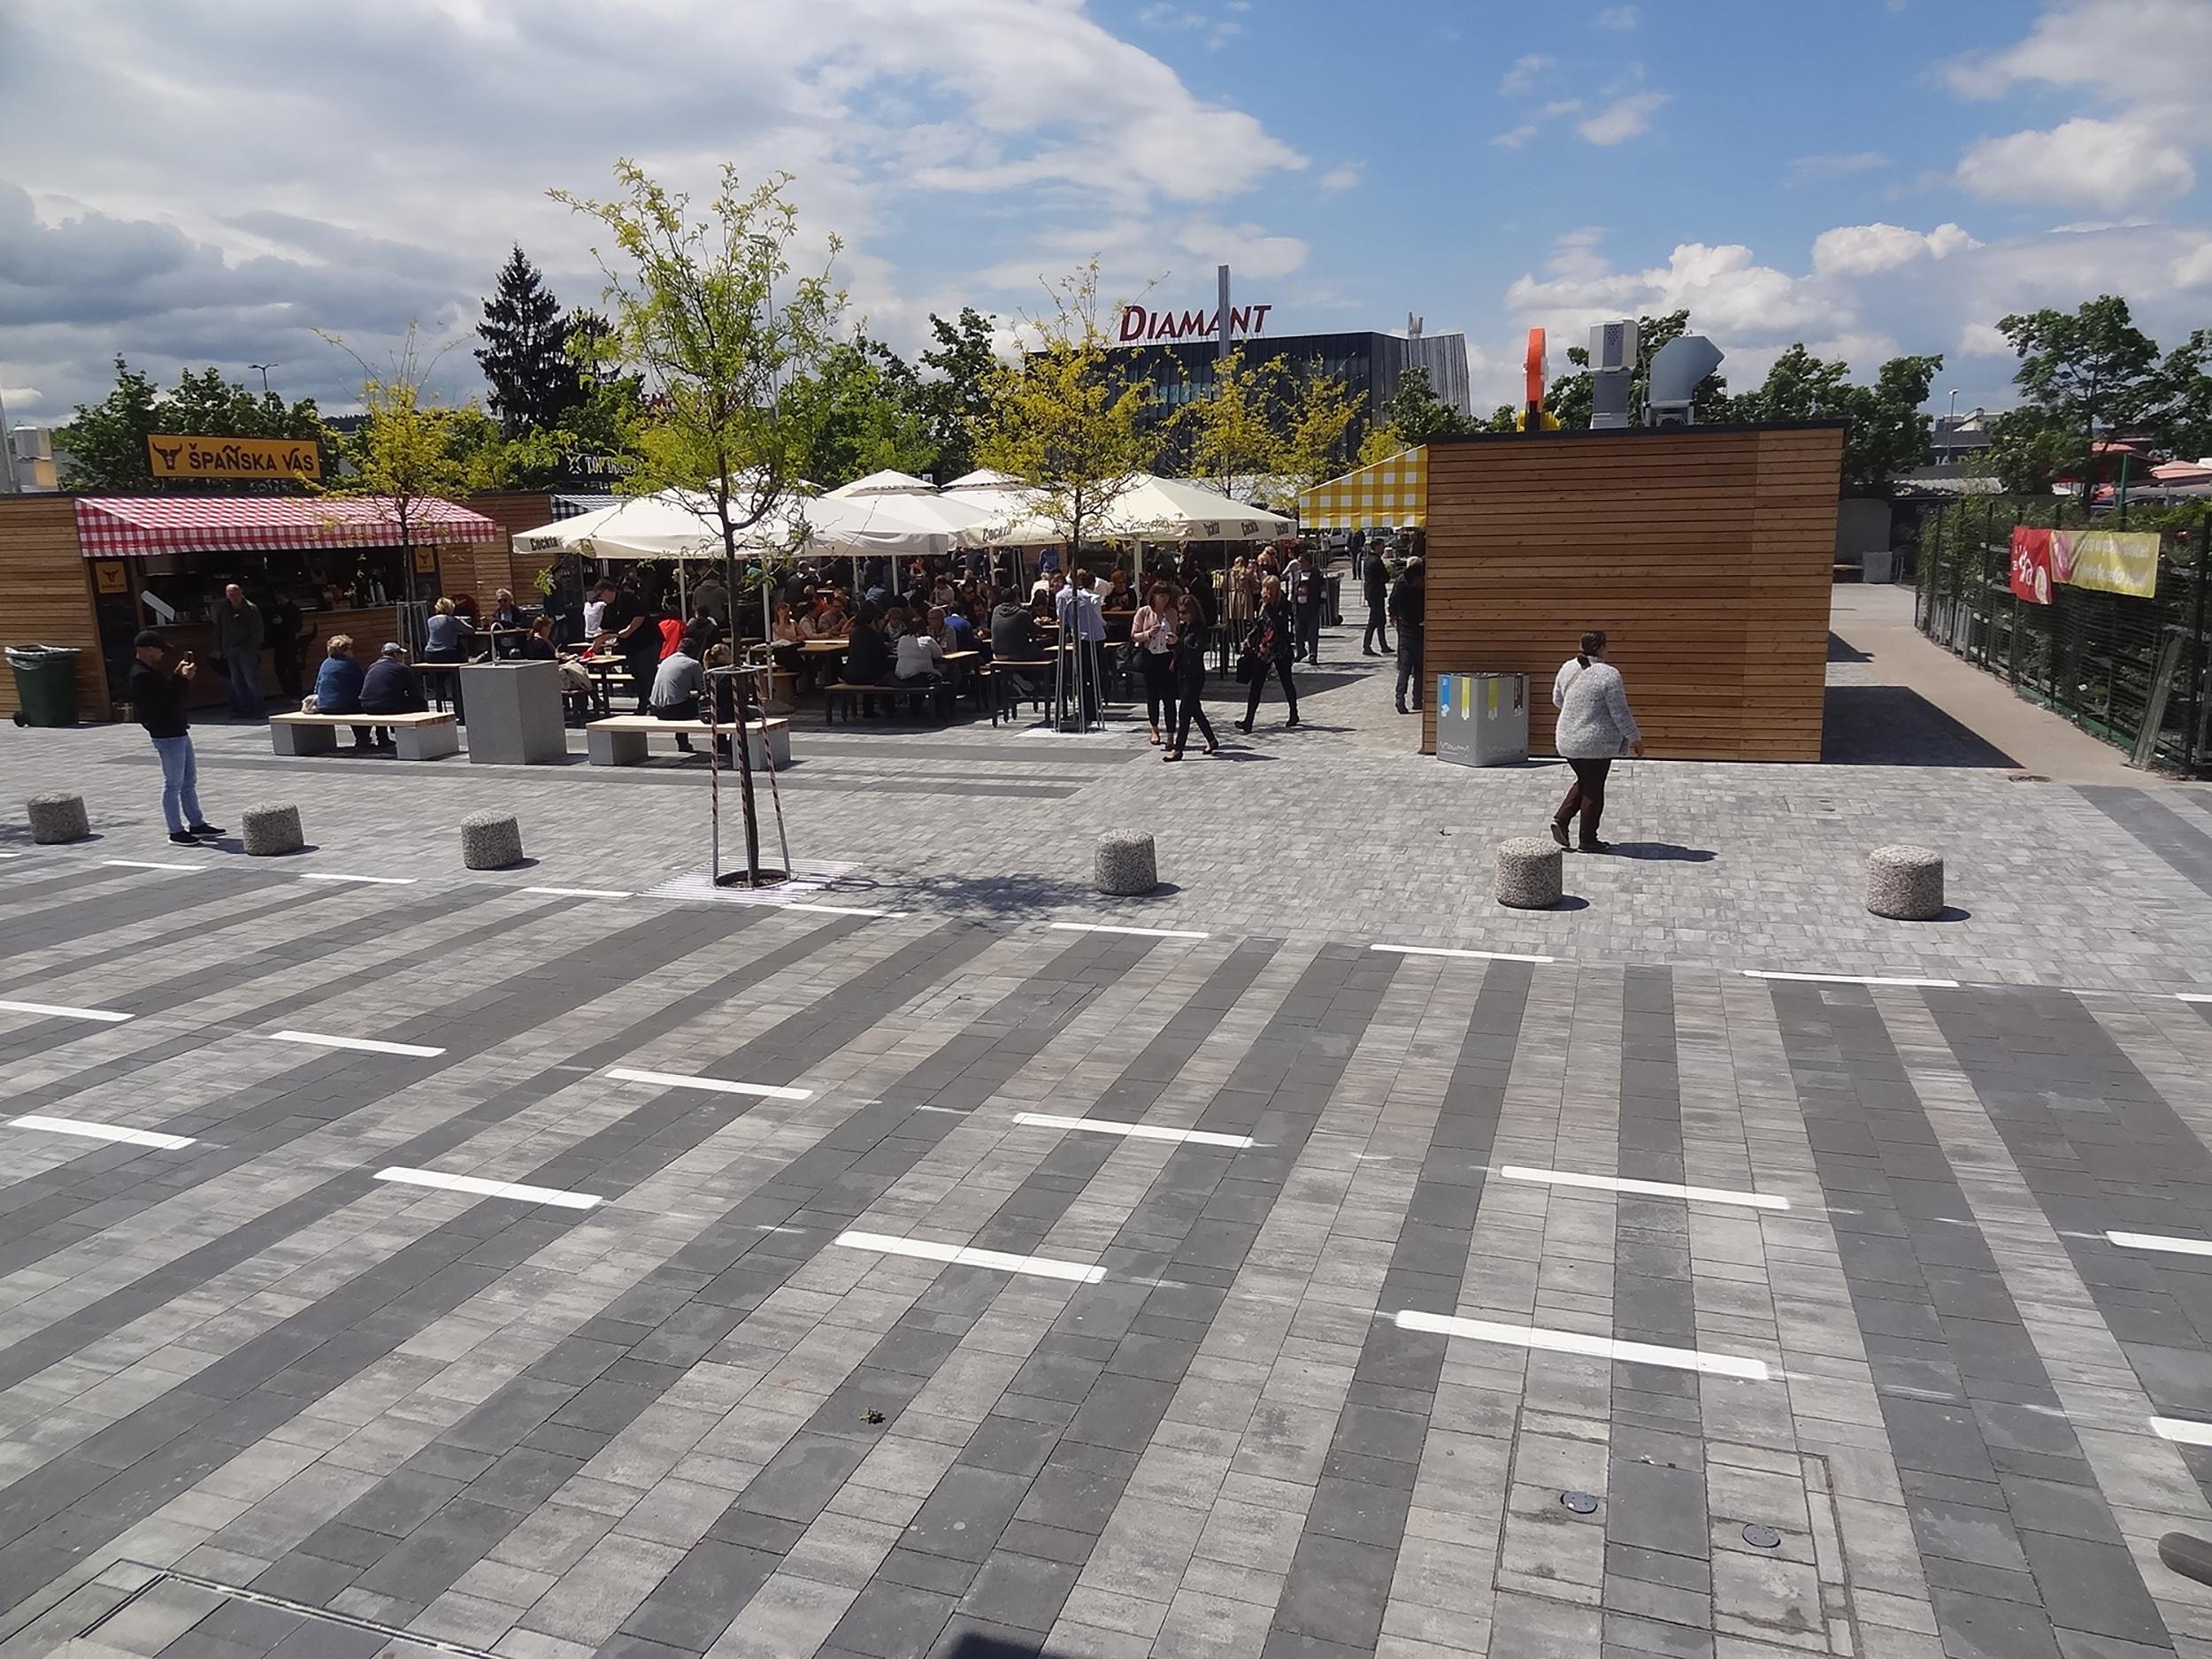 btc city bruto ljubljana urbano urban street design ulice